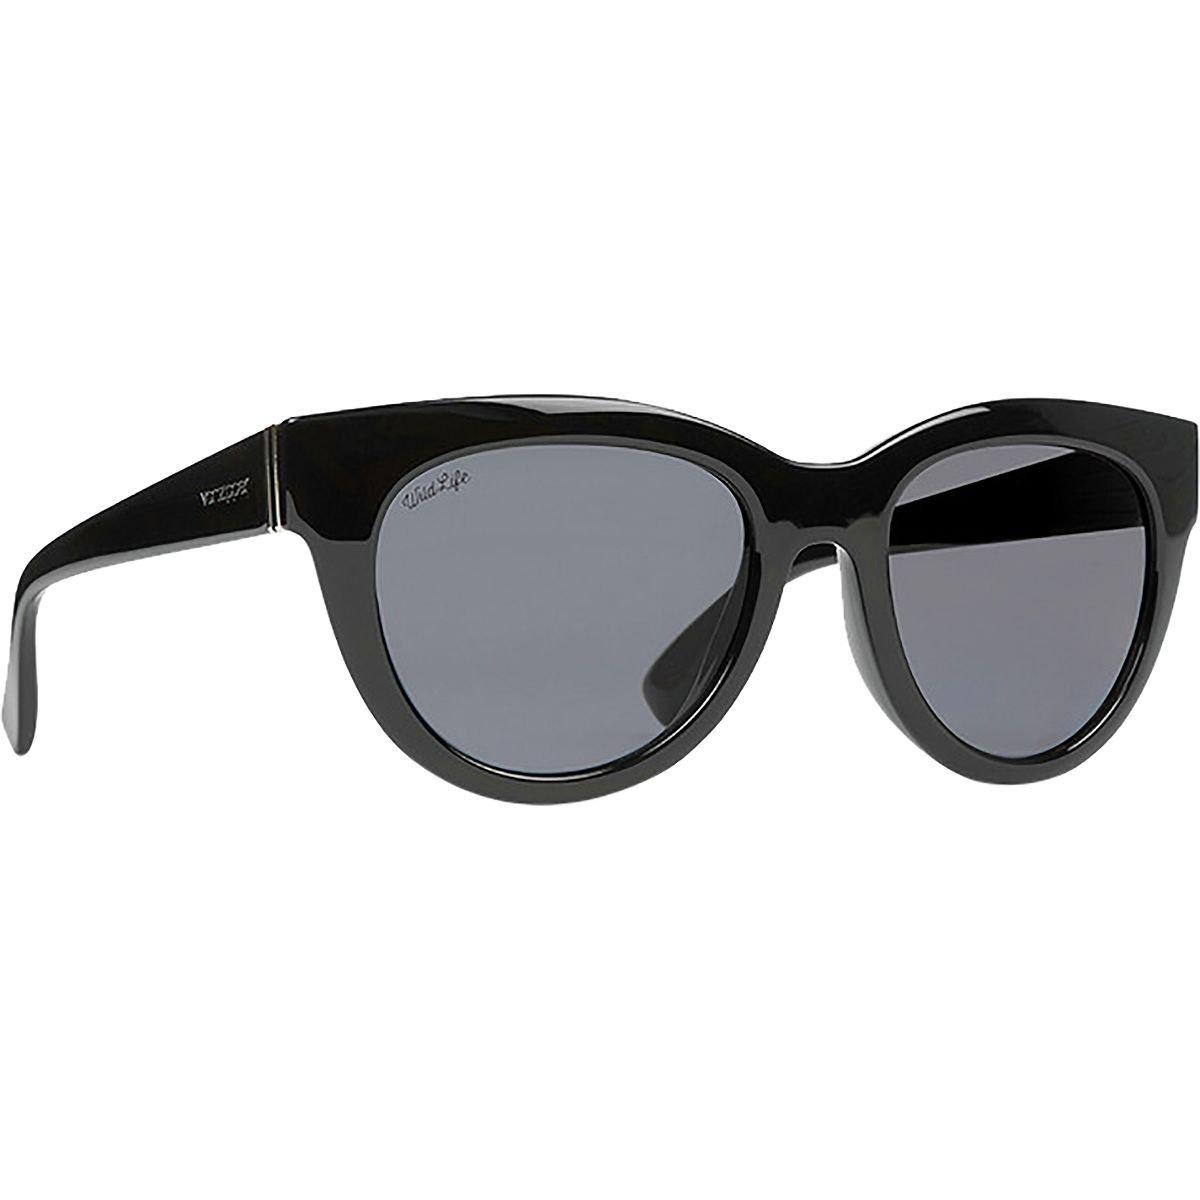 5dbae86f40 Amazon.com  VonZipper Womens Queenie Polarized Sunglasses